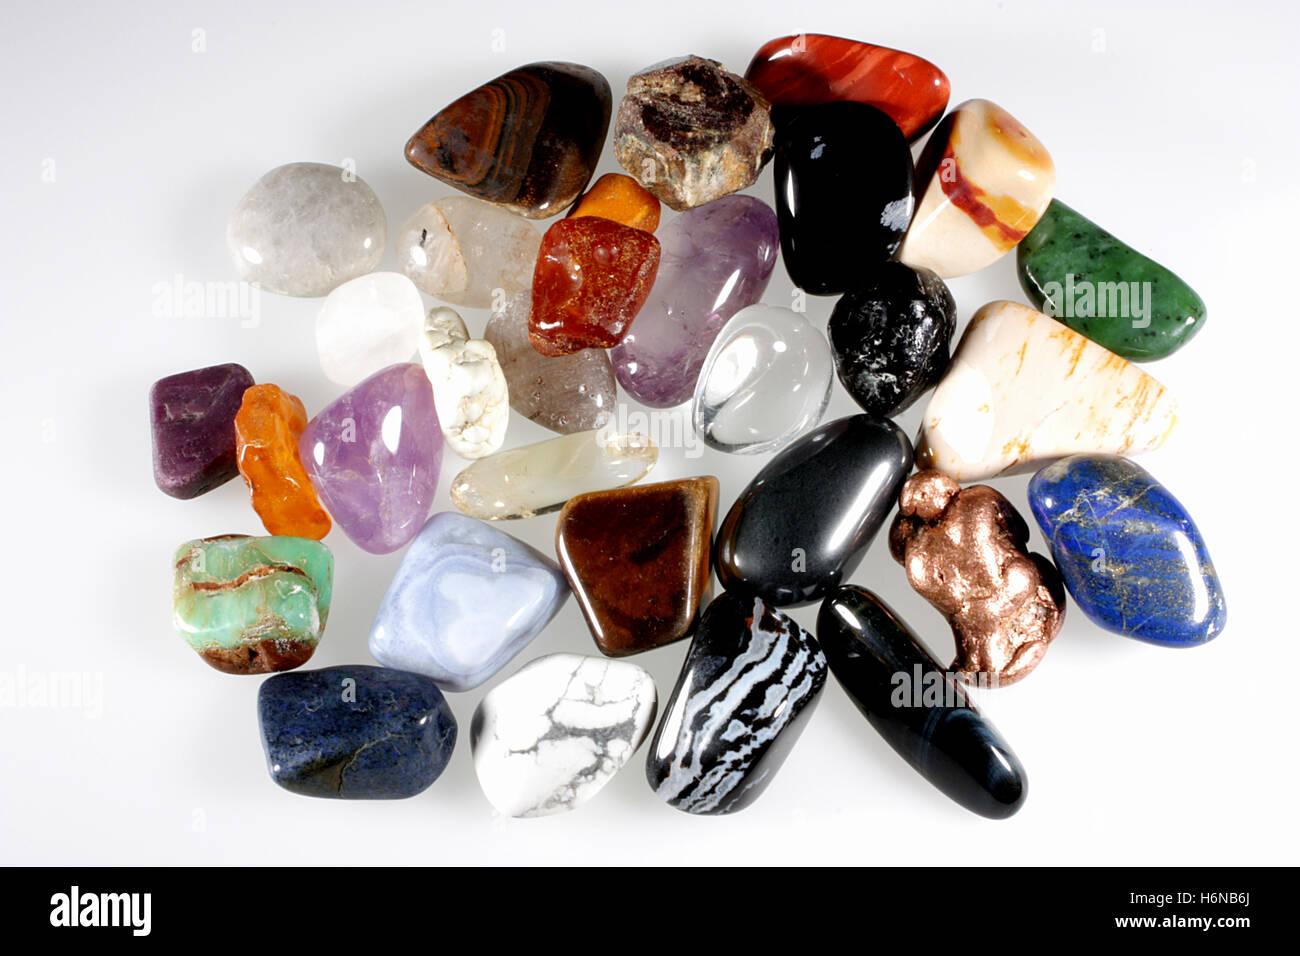 bergkristall061 Stock Photo